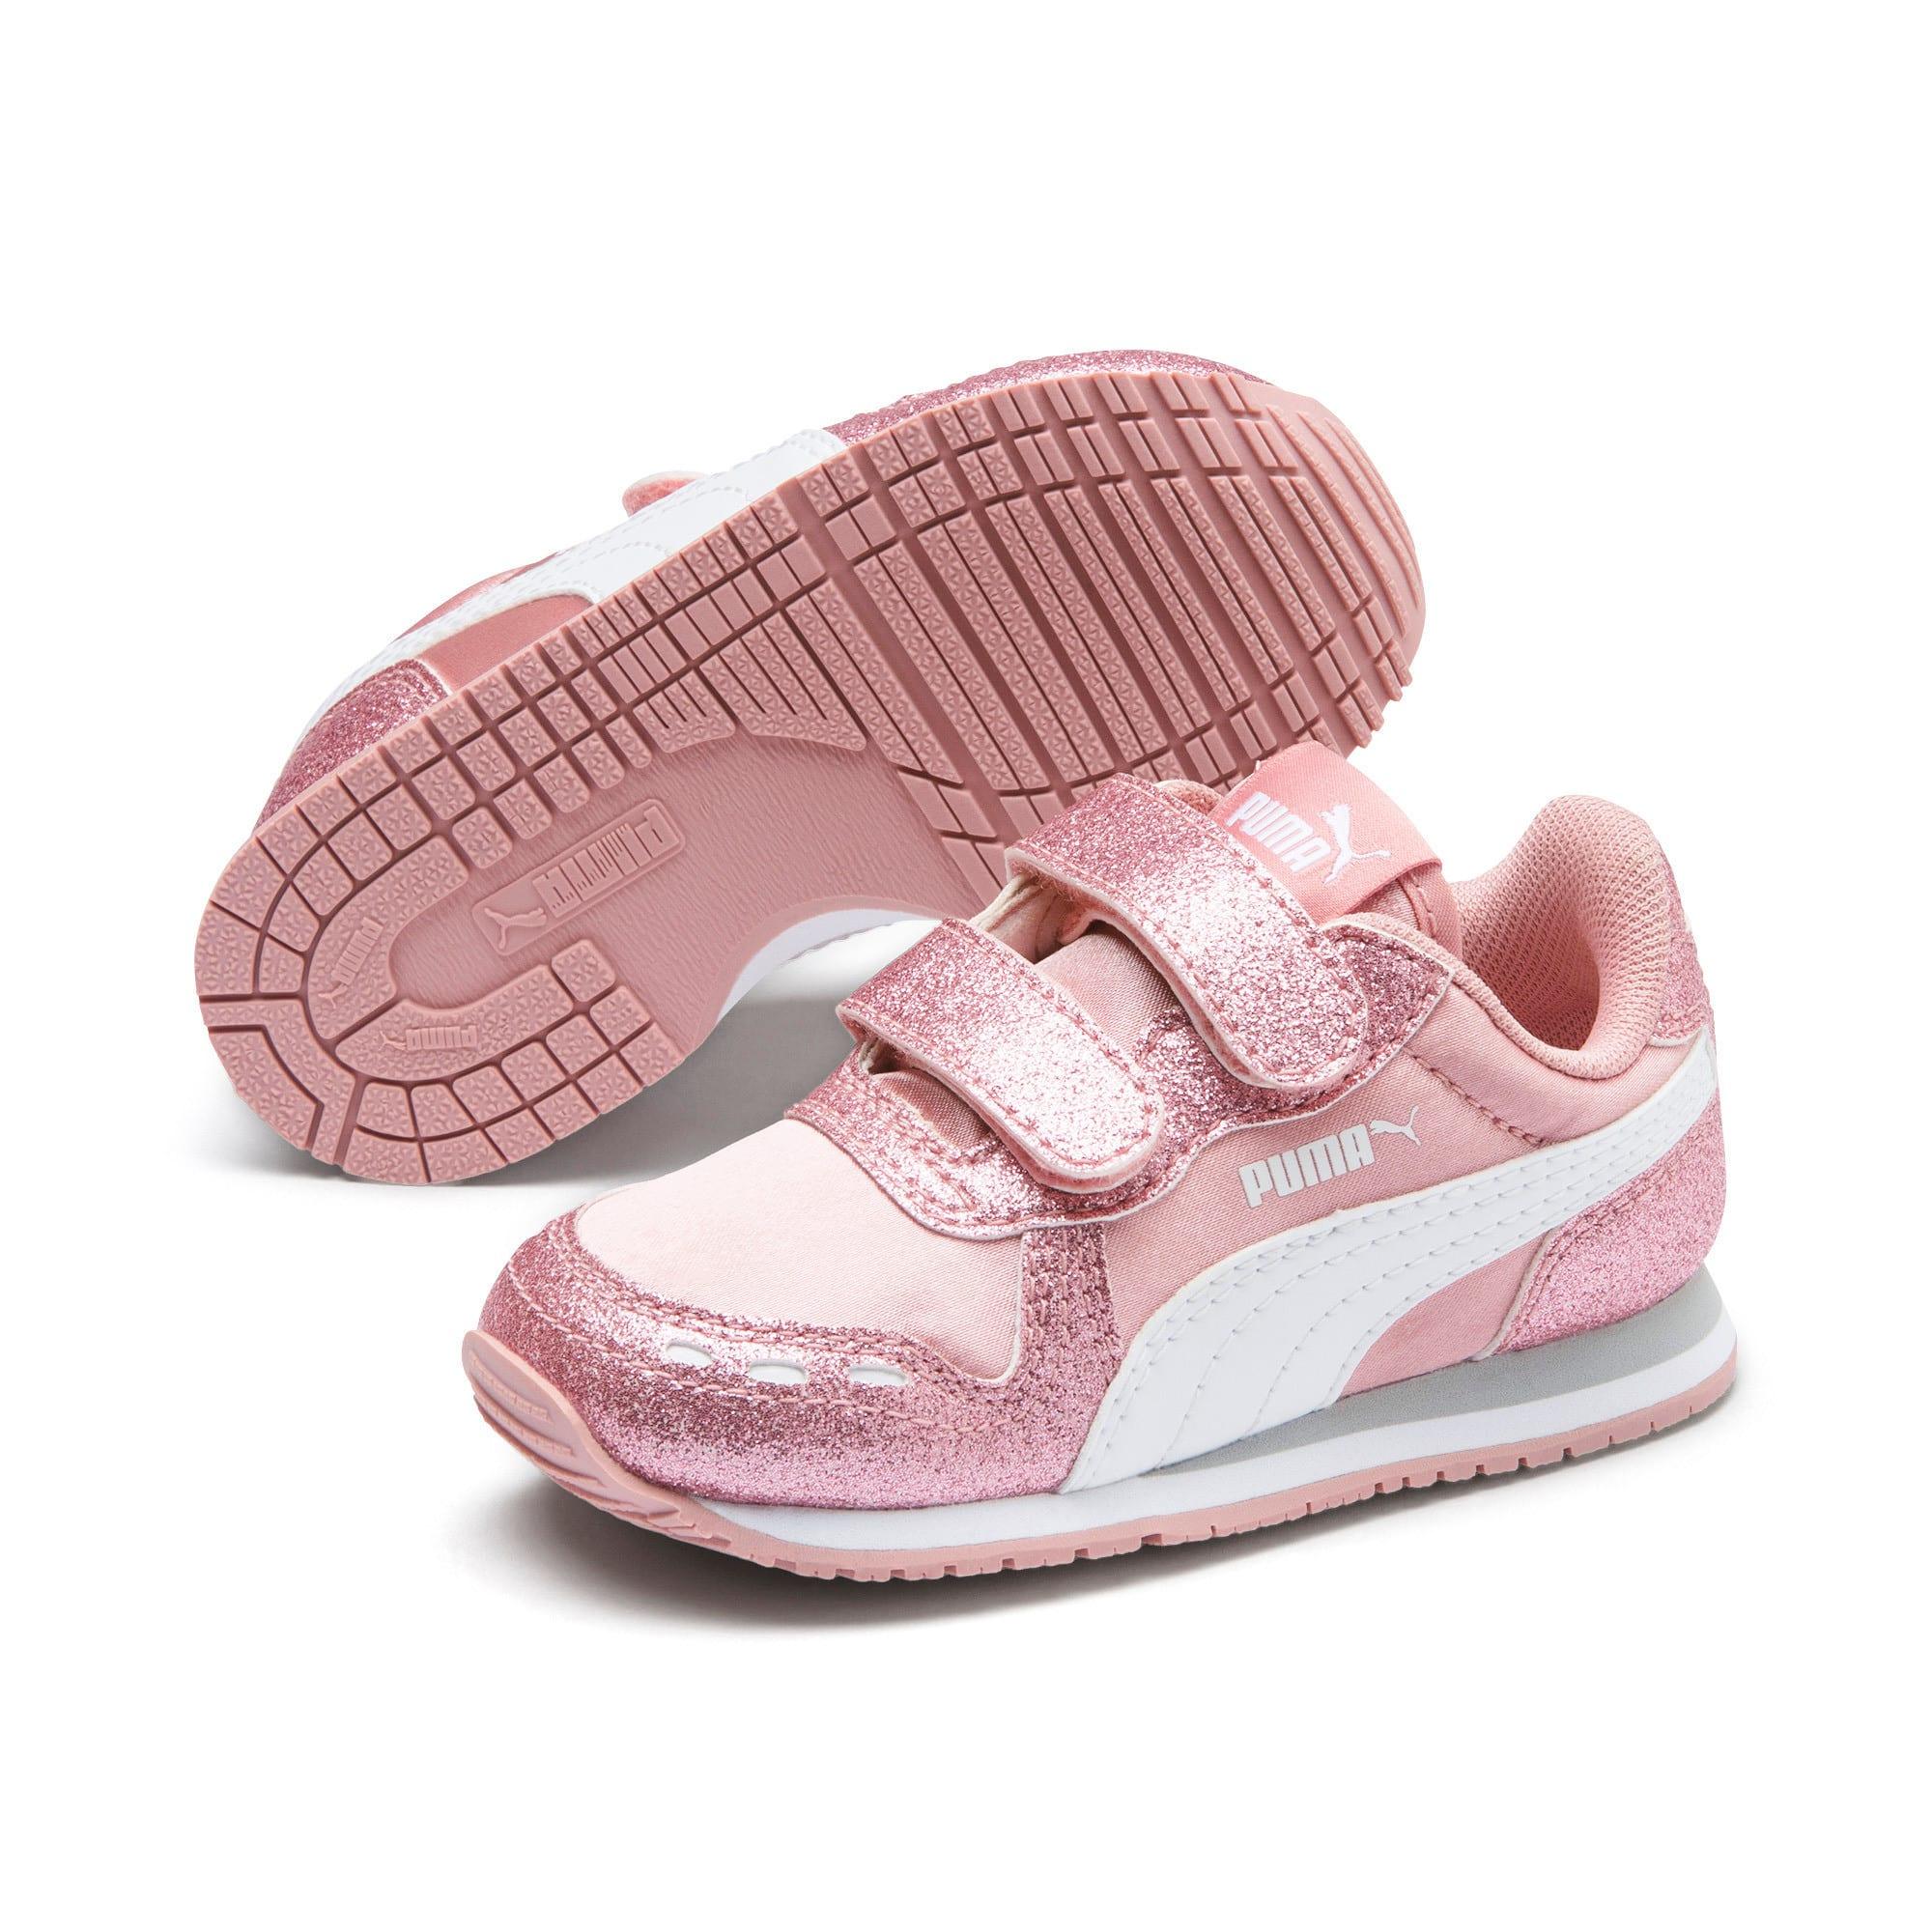 Miniatura 2 de Zapatos Cabana Racer Glitz AC INF, Bridal Rose-Puma White, mediano